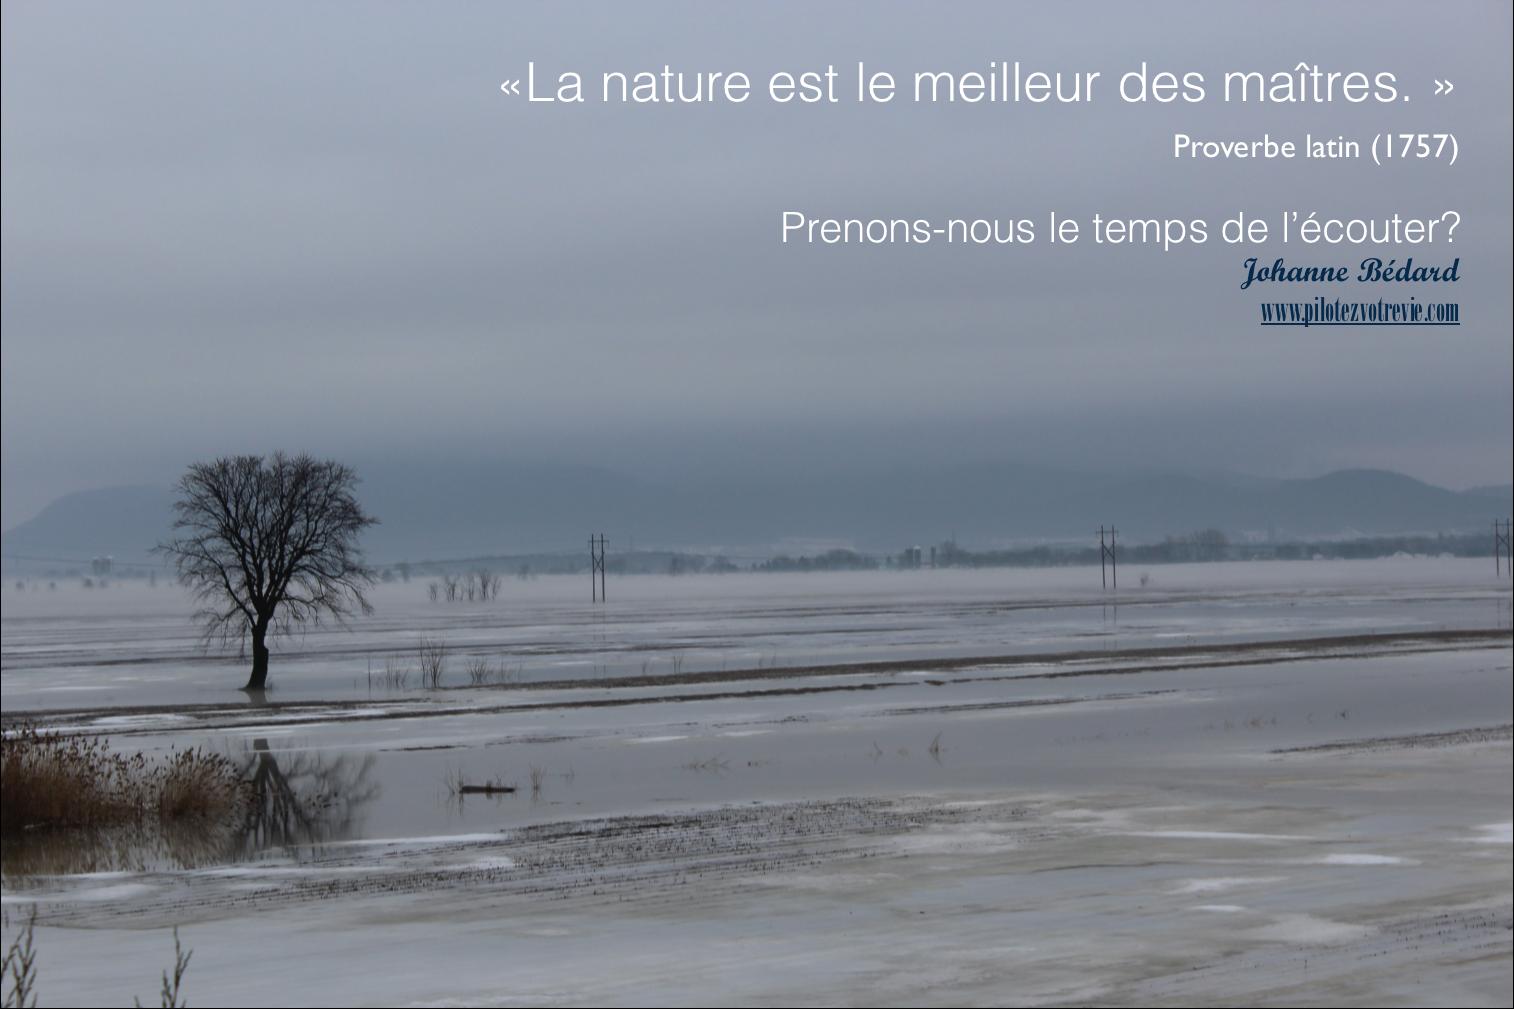 La nature: notre maître